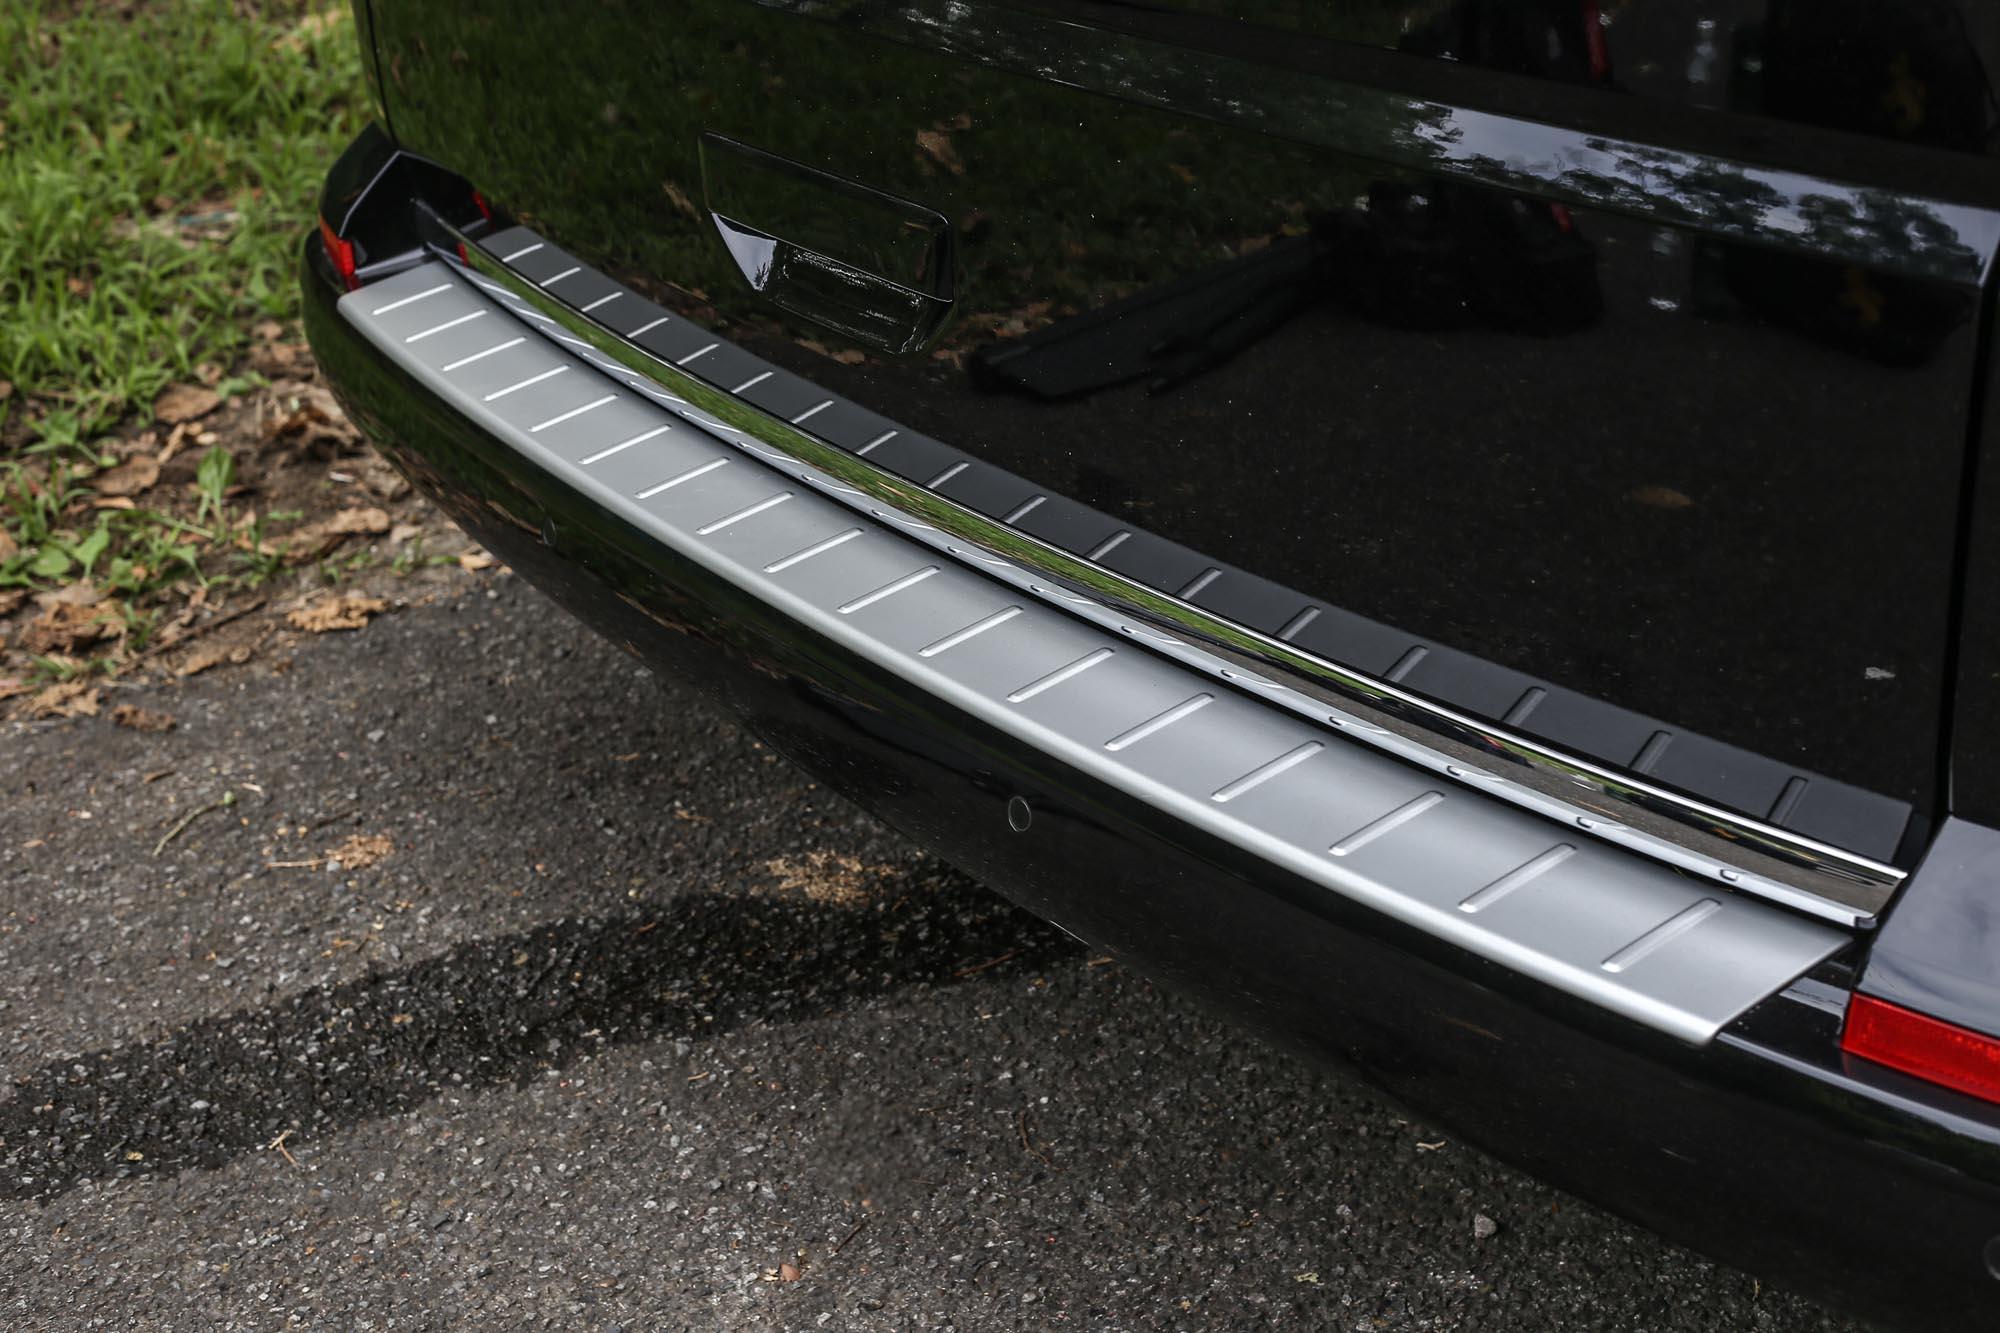 後保桿上方加裝金屬飾板,減少行李取放時刮傷車漆的機會。